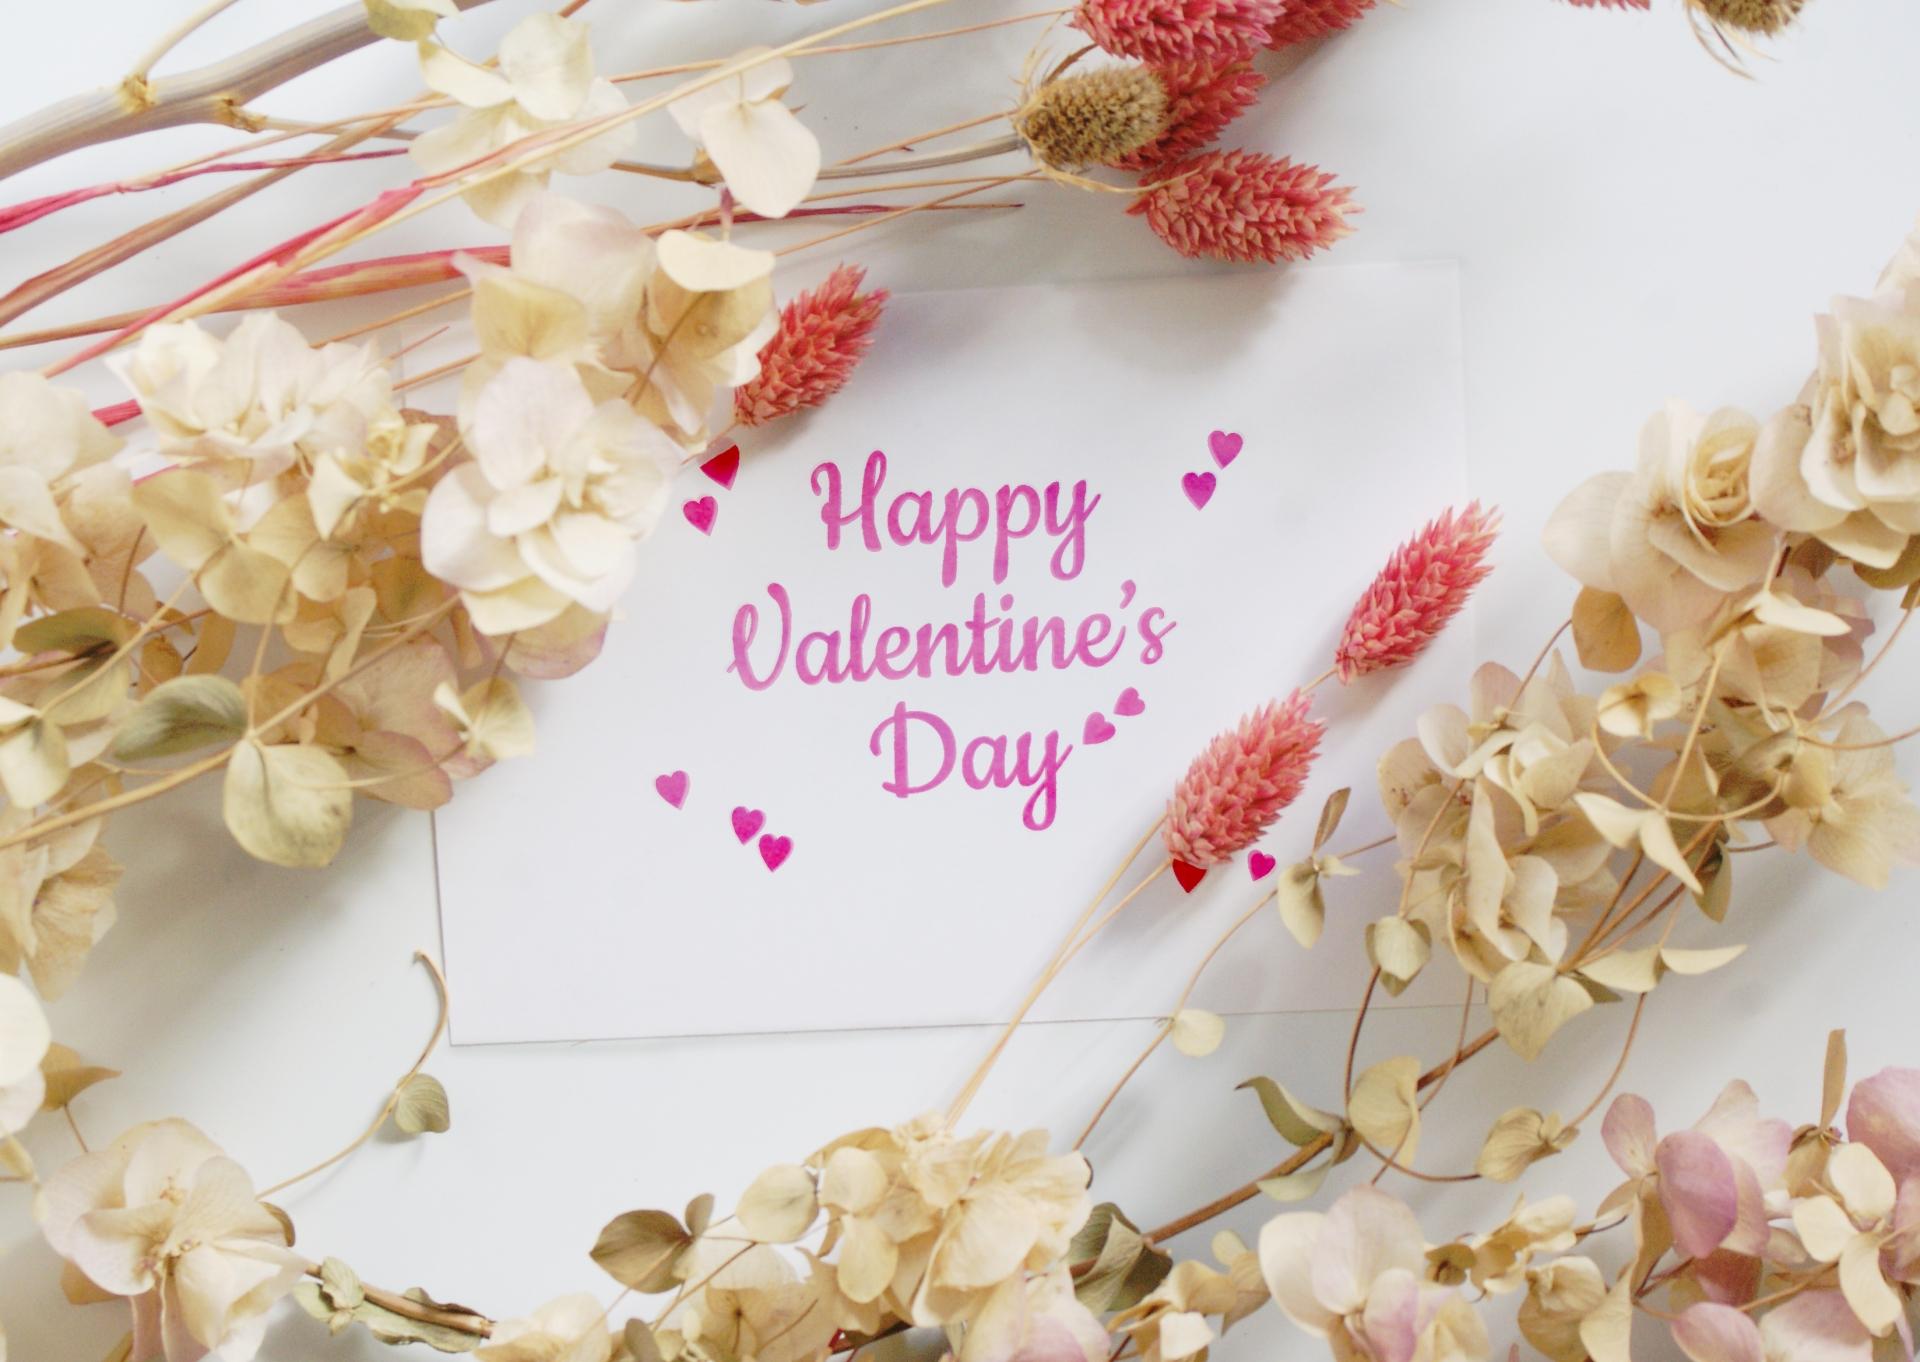 デメル(DEMEL)バレンタインチョコレート2020!通販や店舗での販売は?販売日はいつ?